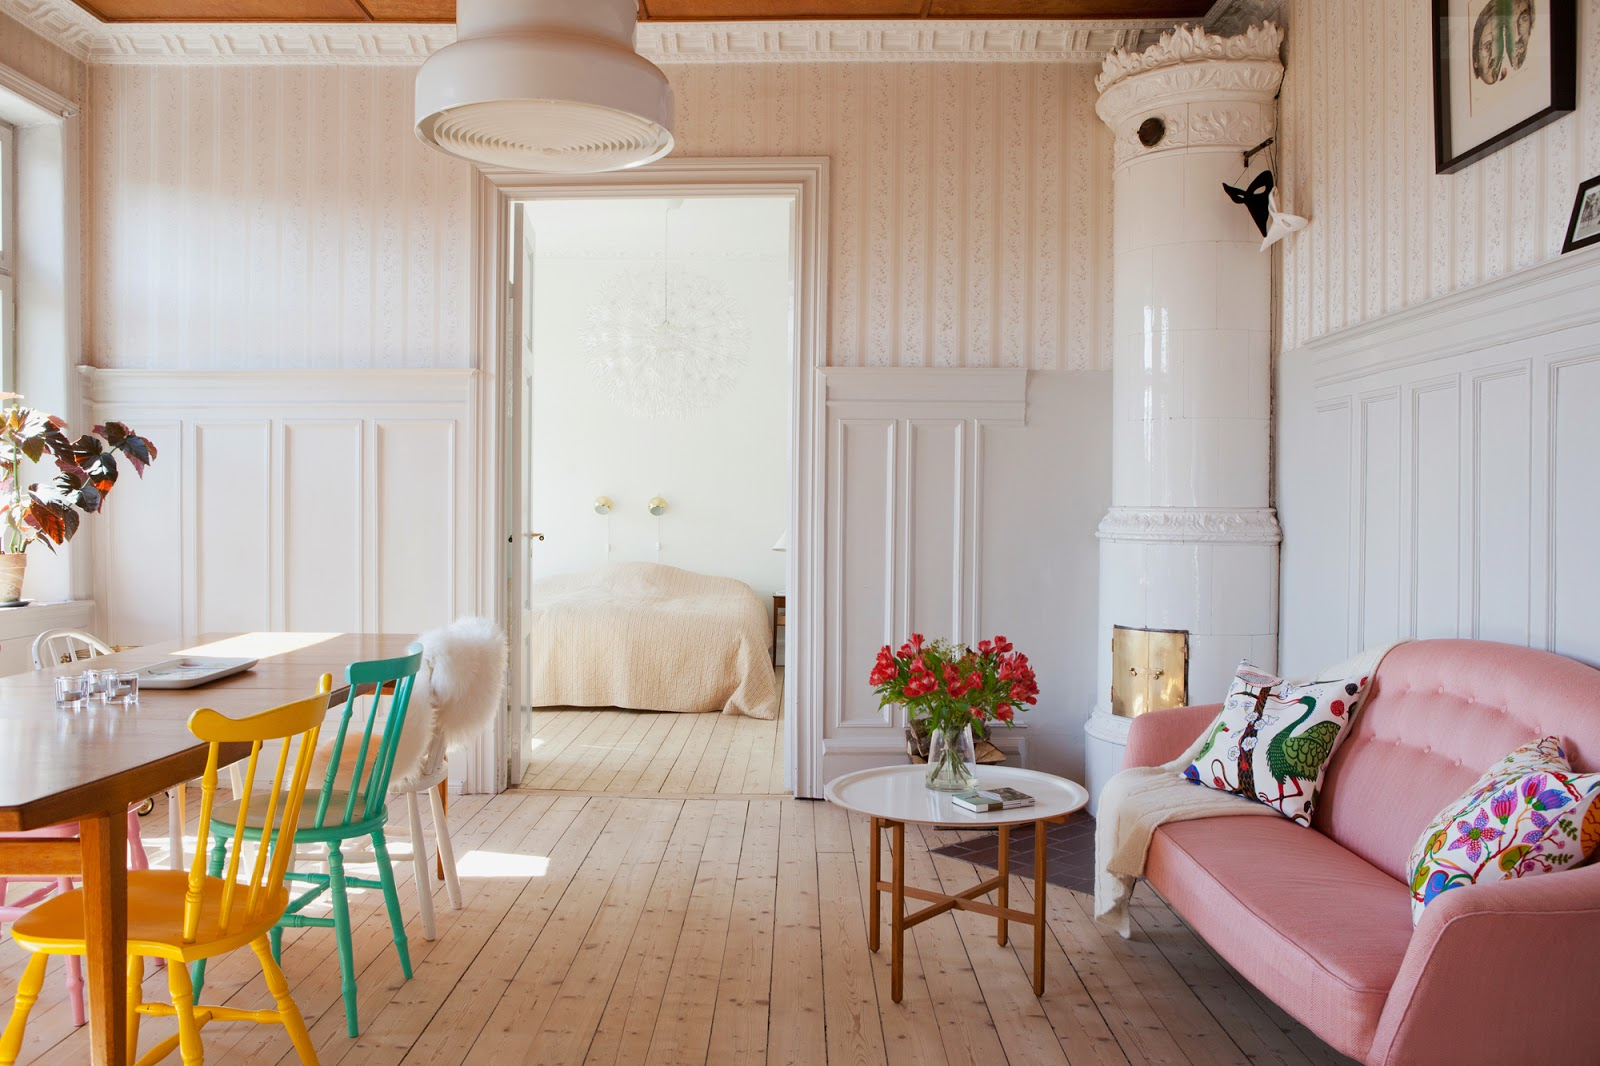 #B97012  segura : 10 dicas de decoração para o apartamento de um idoso 1600x1066 px piso banheiro idoso